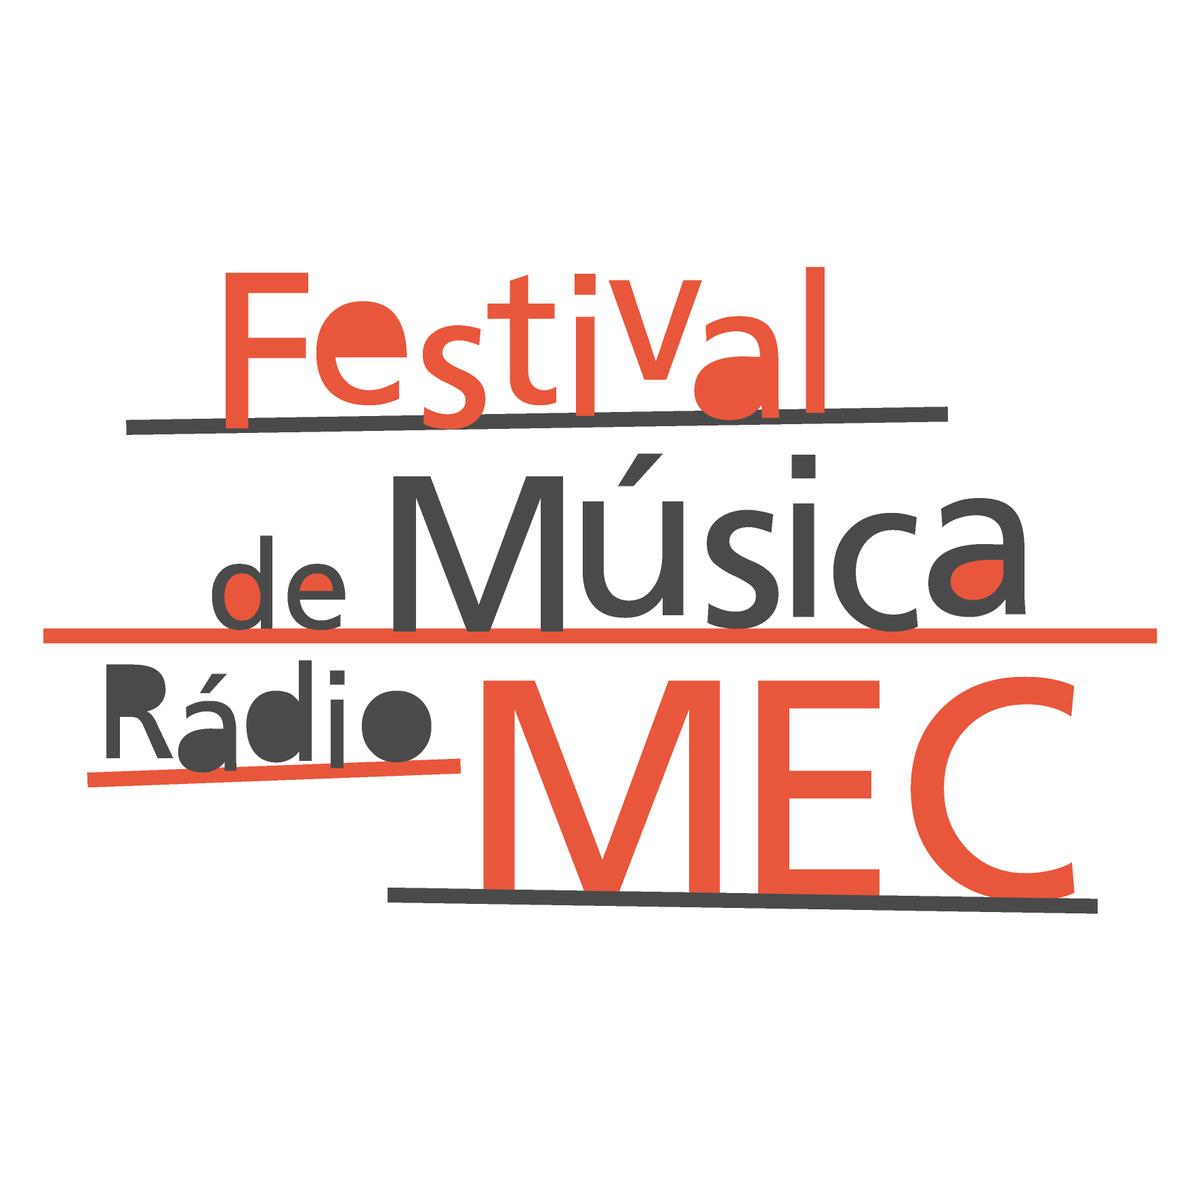 Seguem abertas as inscrições para edição 2018 do Festival de da Rádio MEC. https://t.co/4Png9deVnL